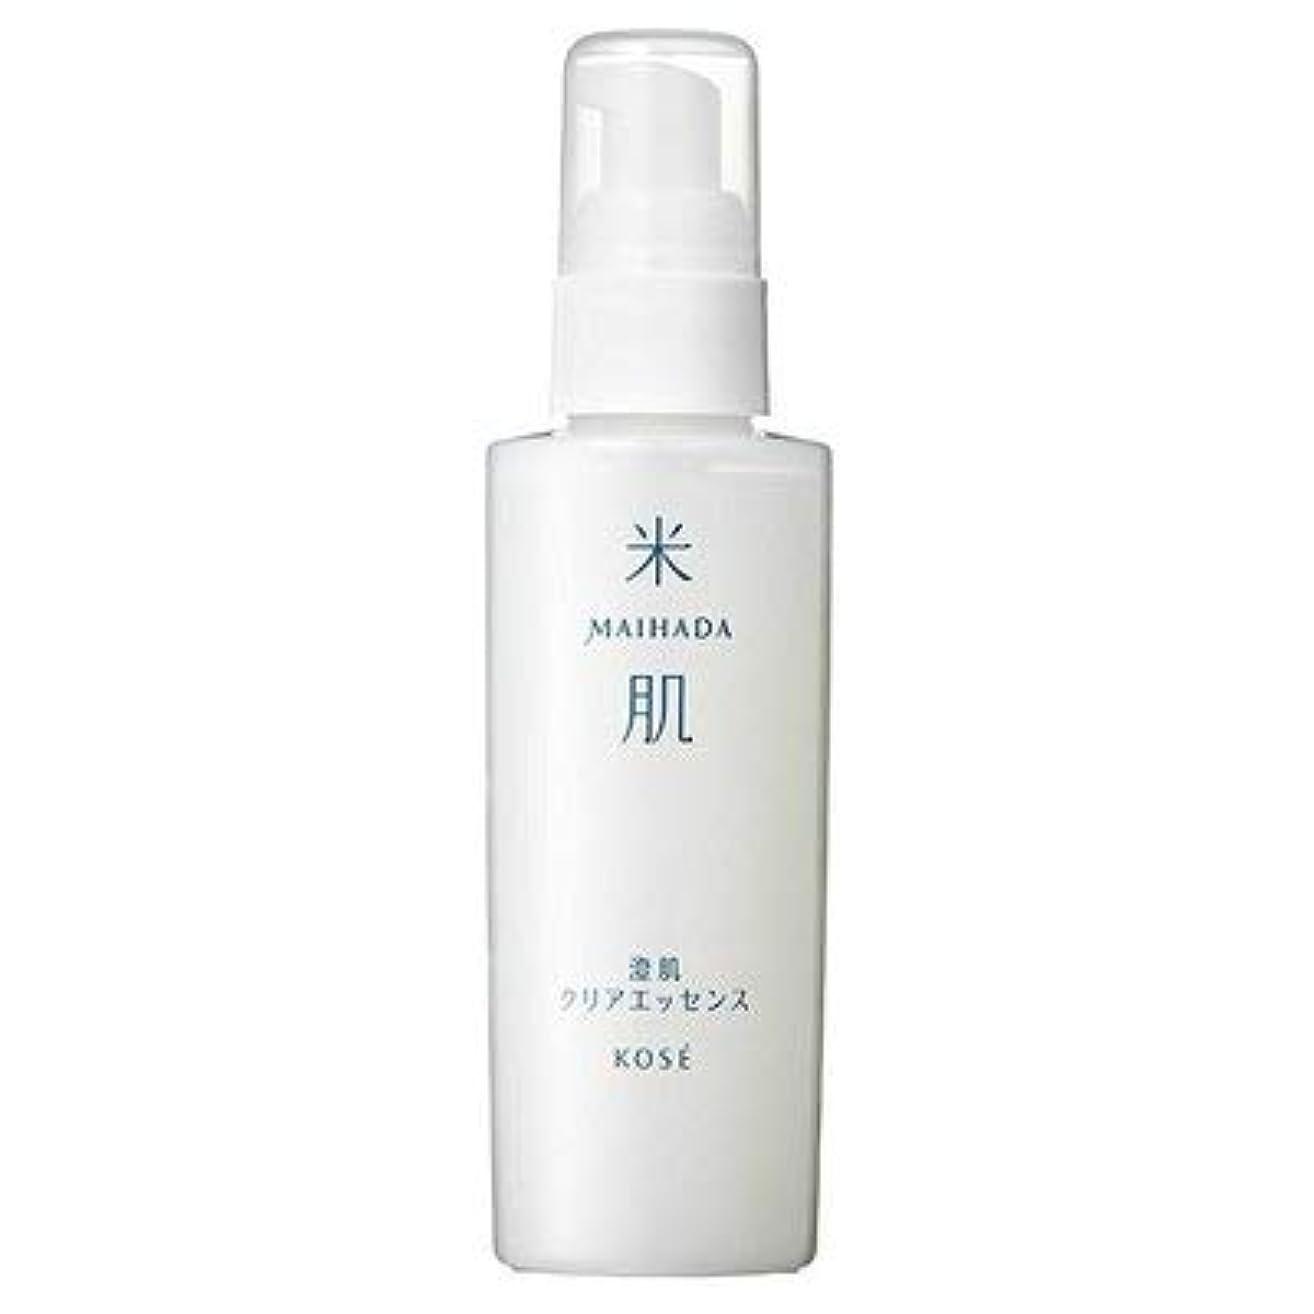 ベットシール平方米肌 澄肌クリアエッセンス(本体/無香料) 美容液